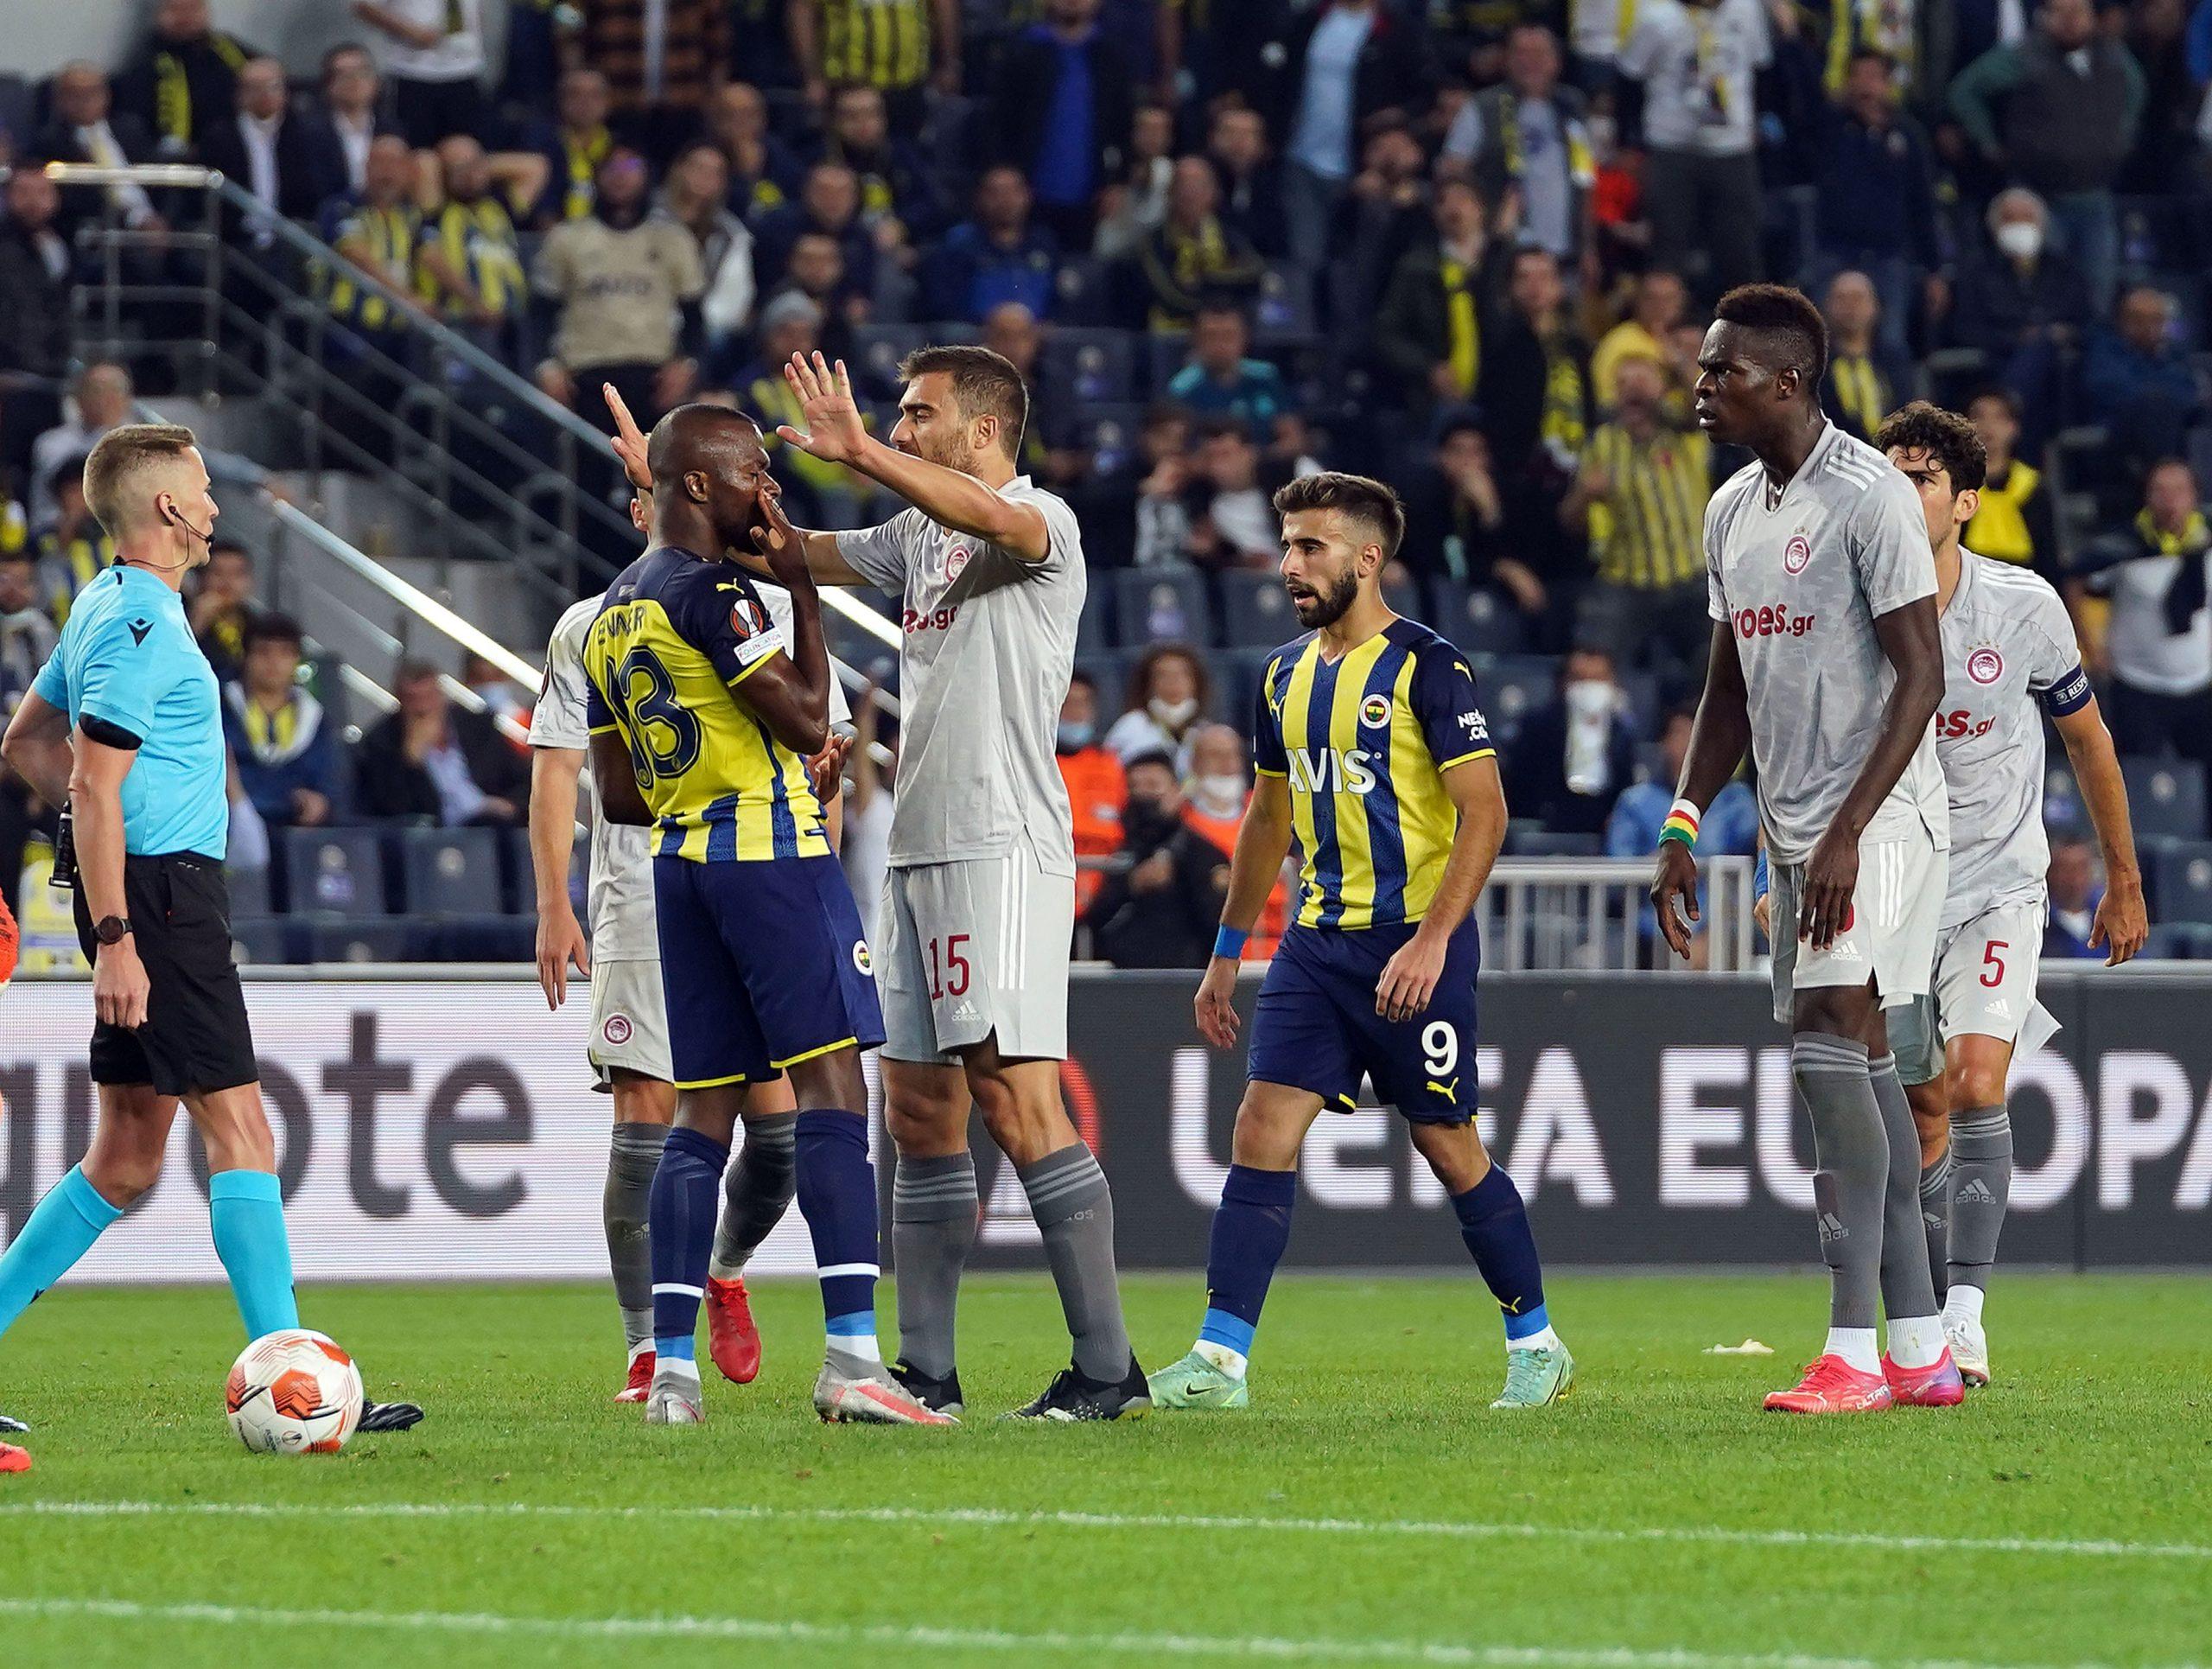 Kadıköy'de büyük yıkım! Fenerbahçe, Olympiakos'a mağlup oldu